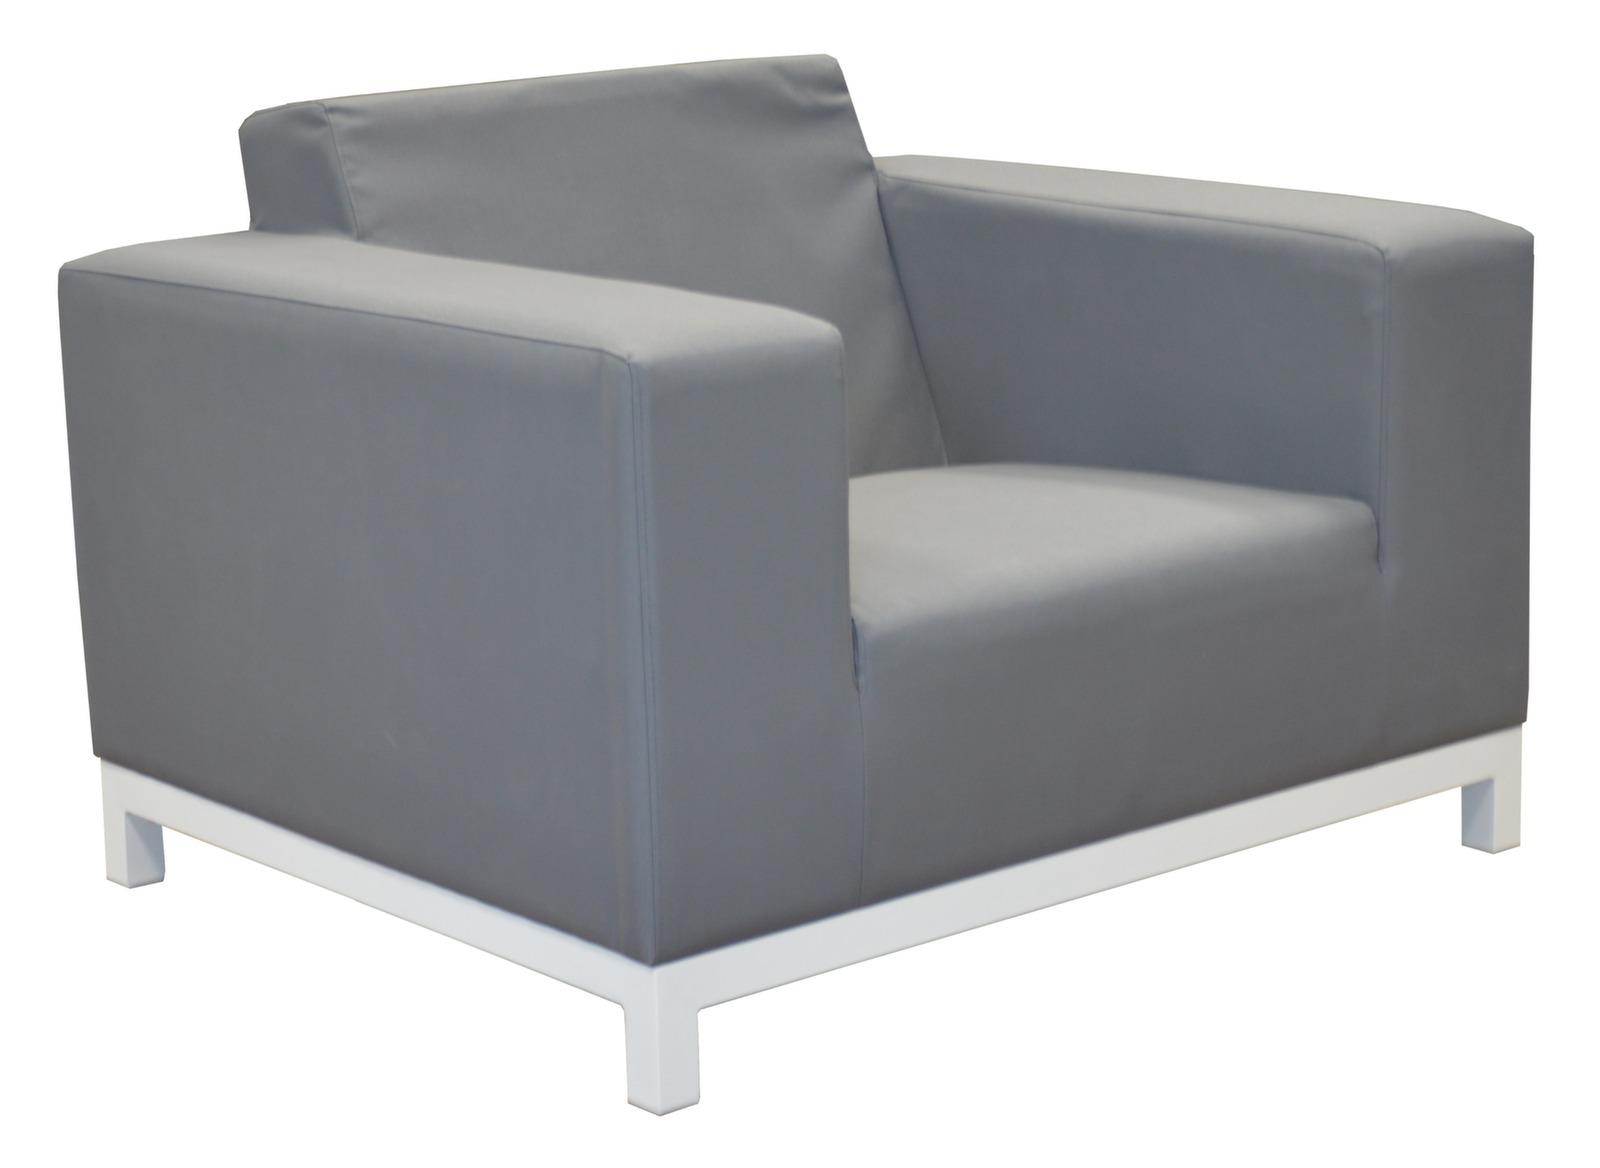 fauteuil salon de jardin d tente belle ile gamme oc o proloisirs. Black Bedroom Furniture Sets. Home Design Ideas